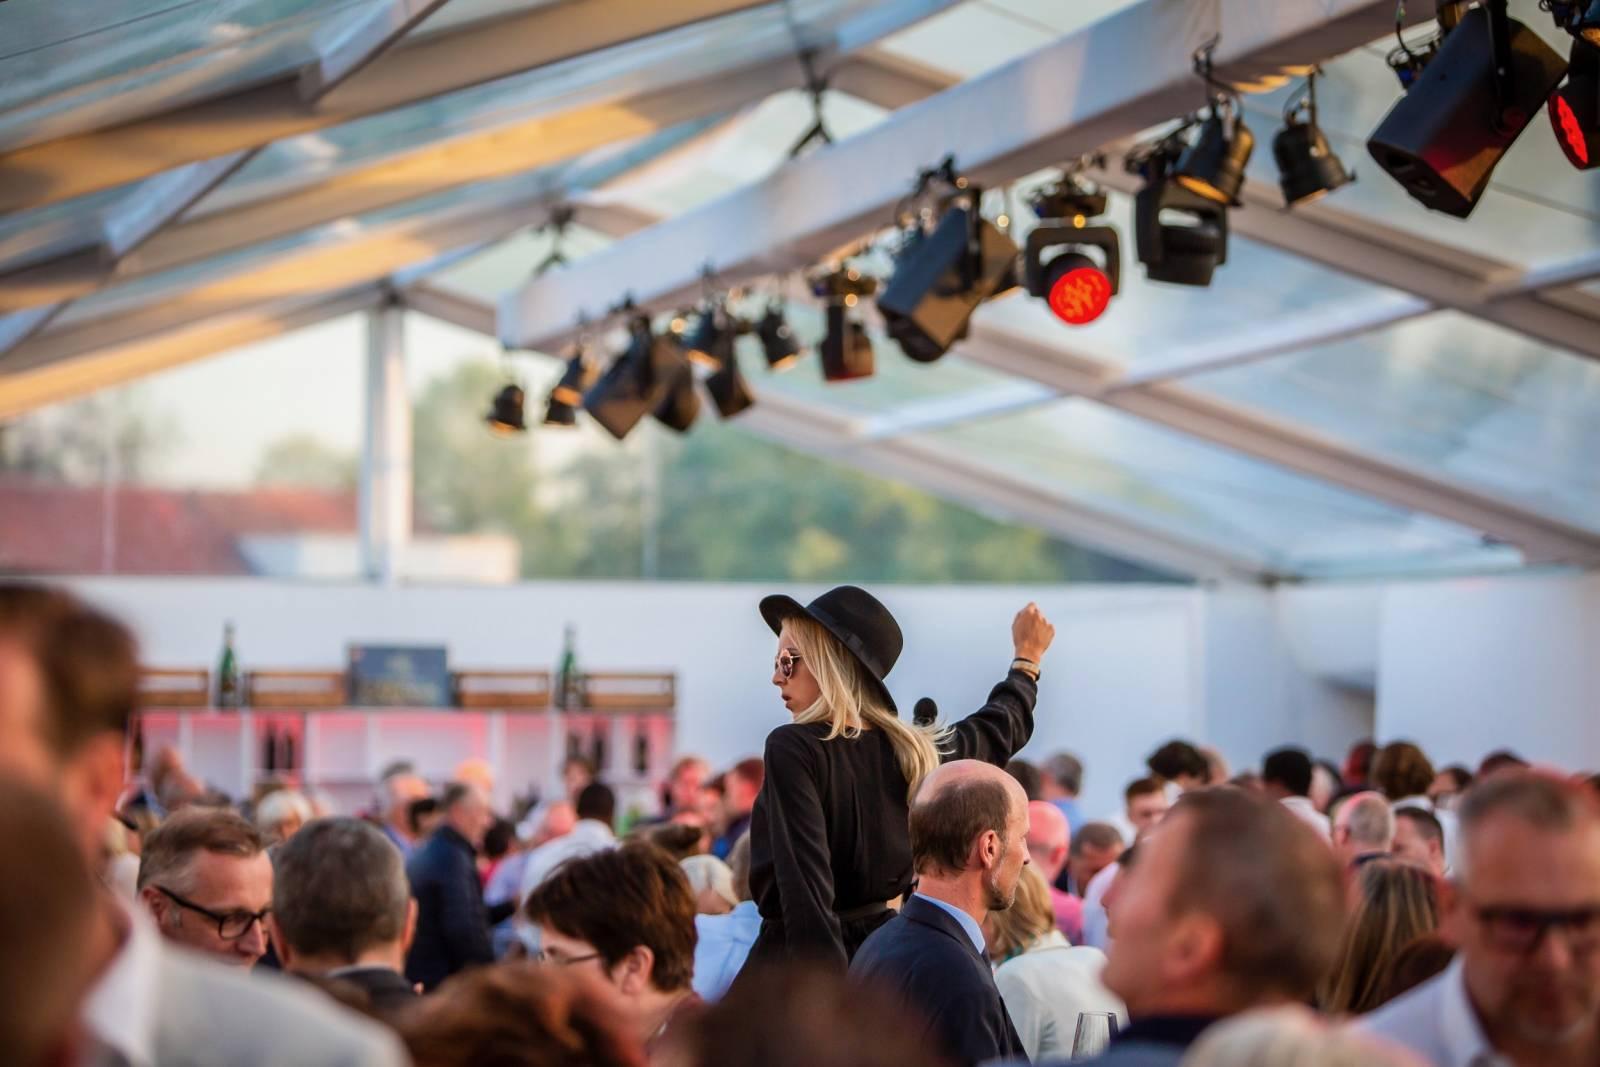 Tentmoment - Feesttent - Tent Event - Verhuur Tenten - Fotograaf Jurgen De Witte - House of Events - 15